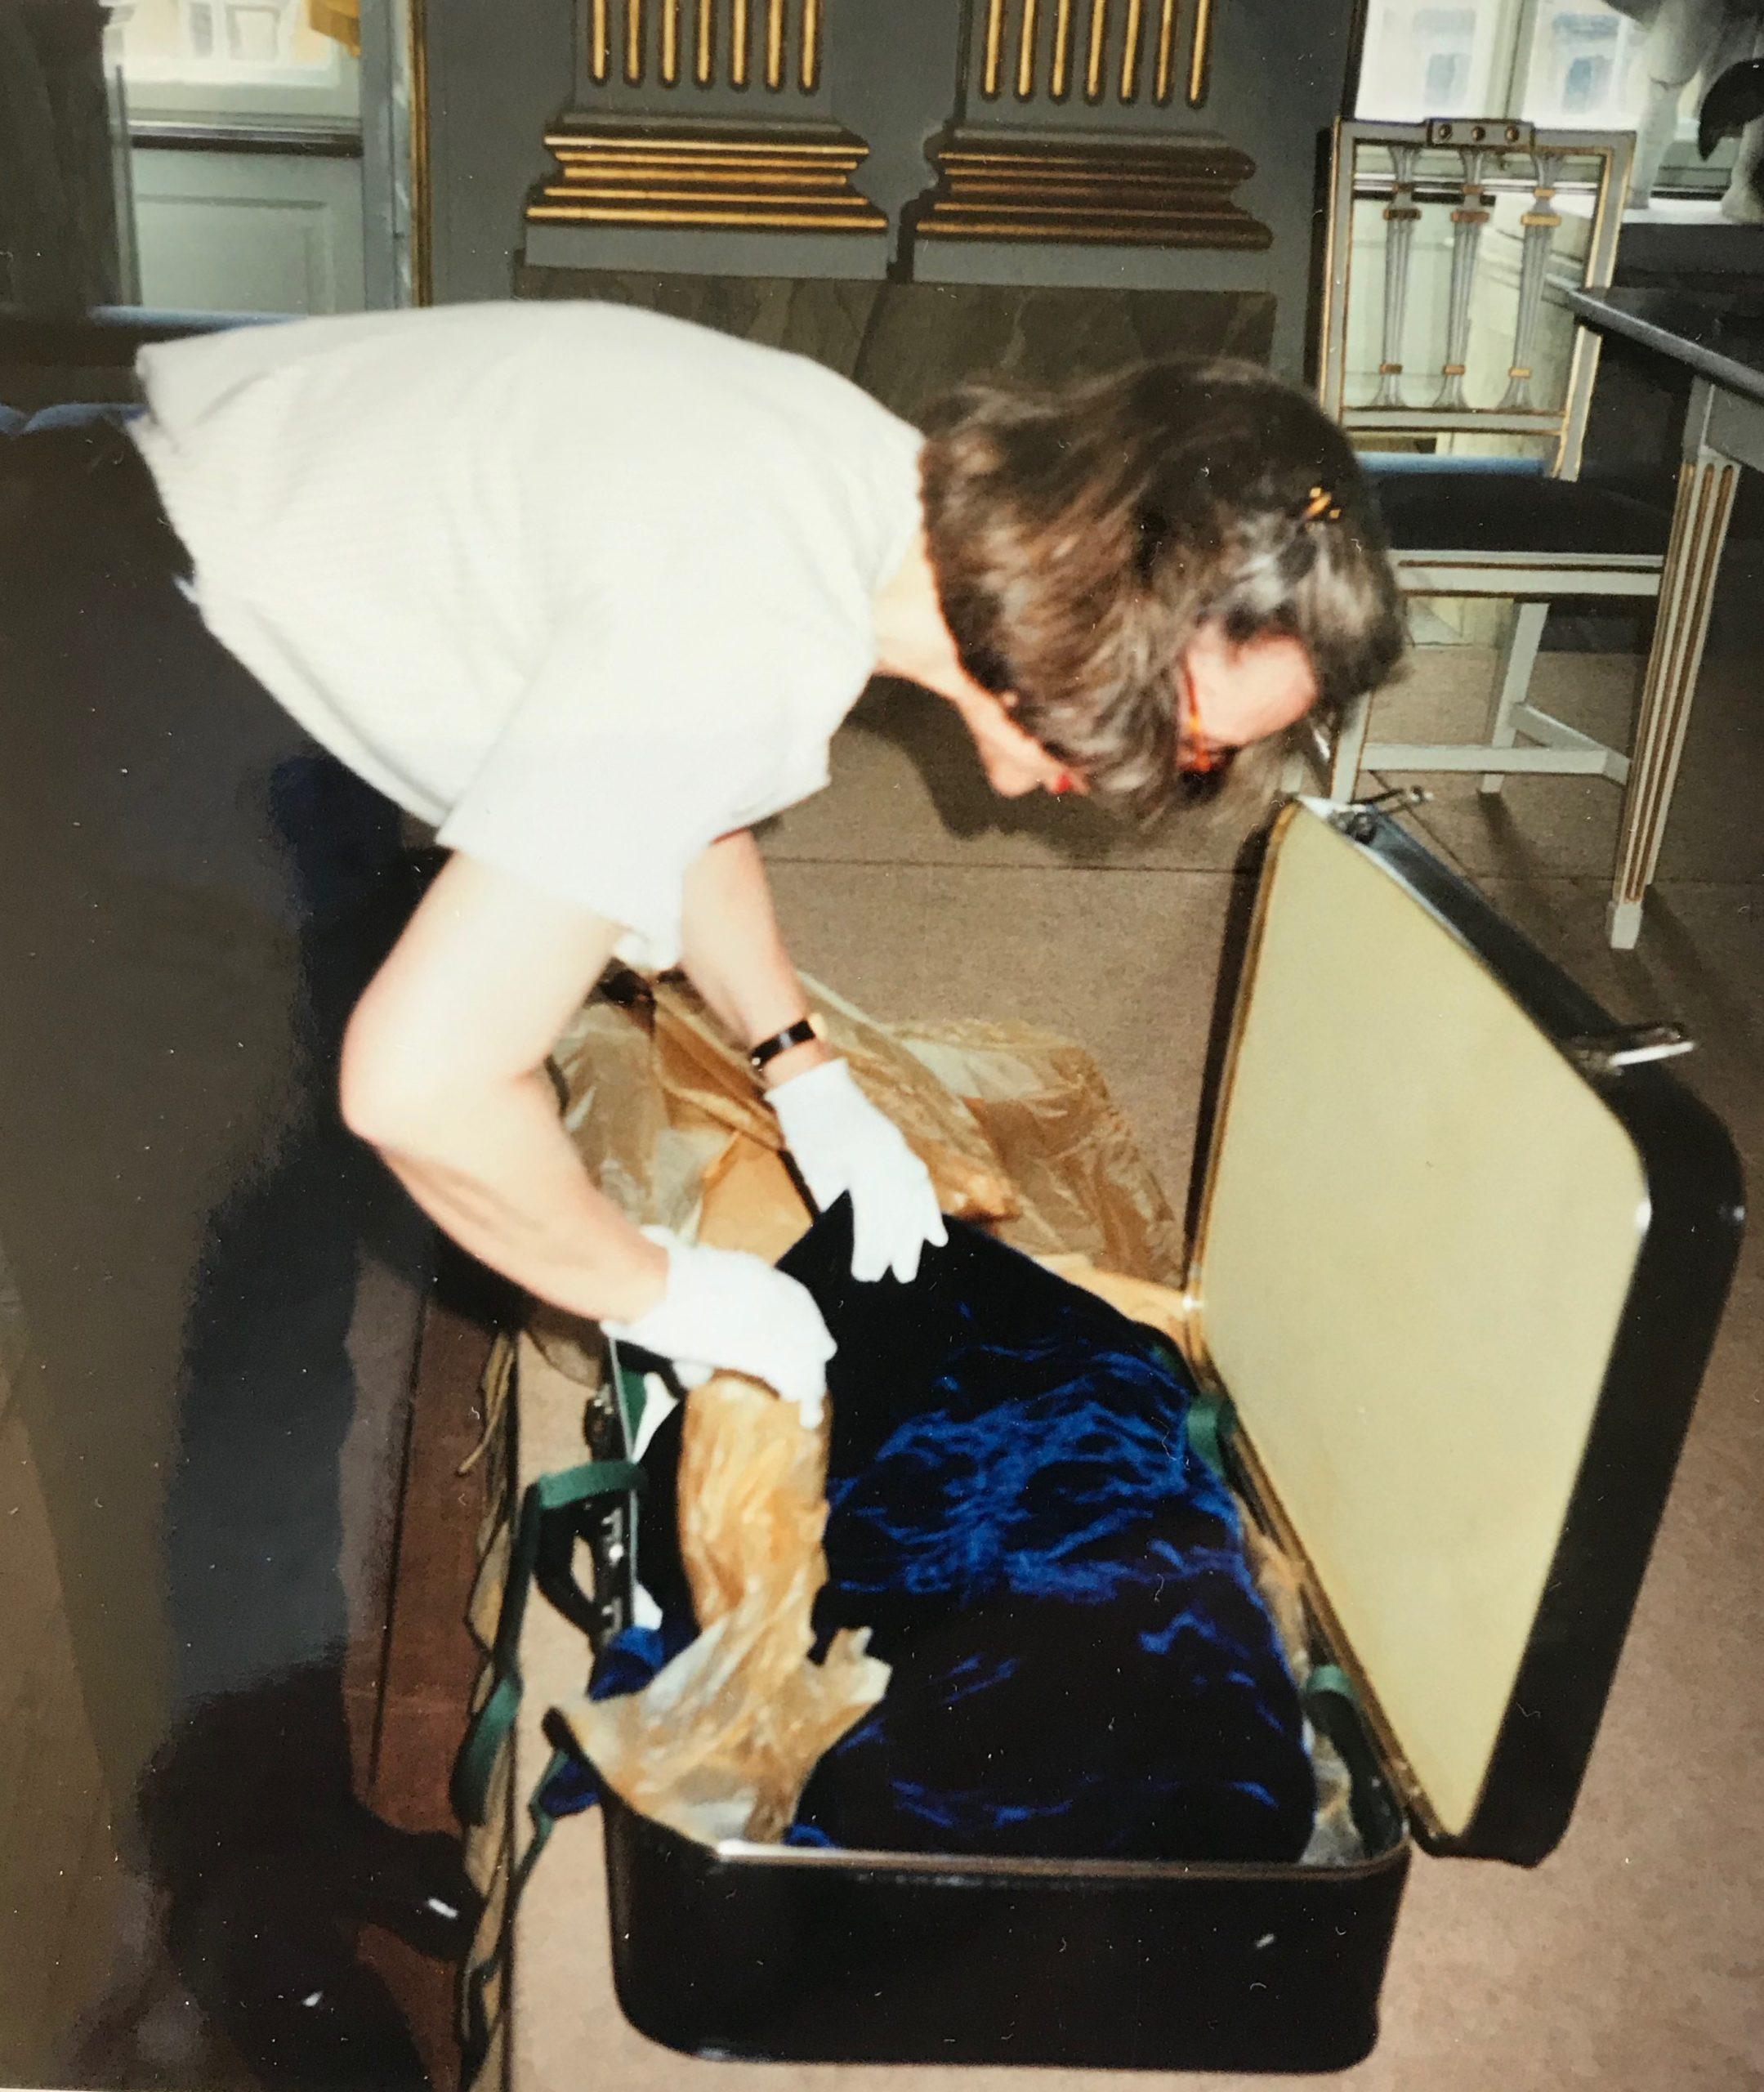 Kopian av Elins klänning packas upp av antikvarie med handskar.